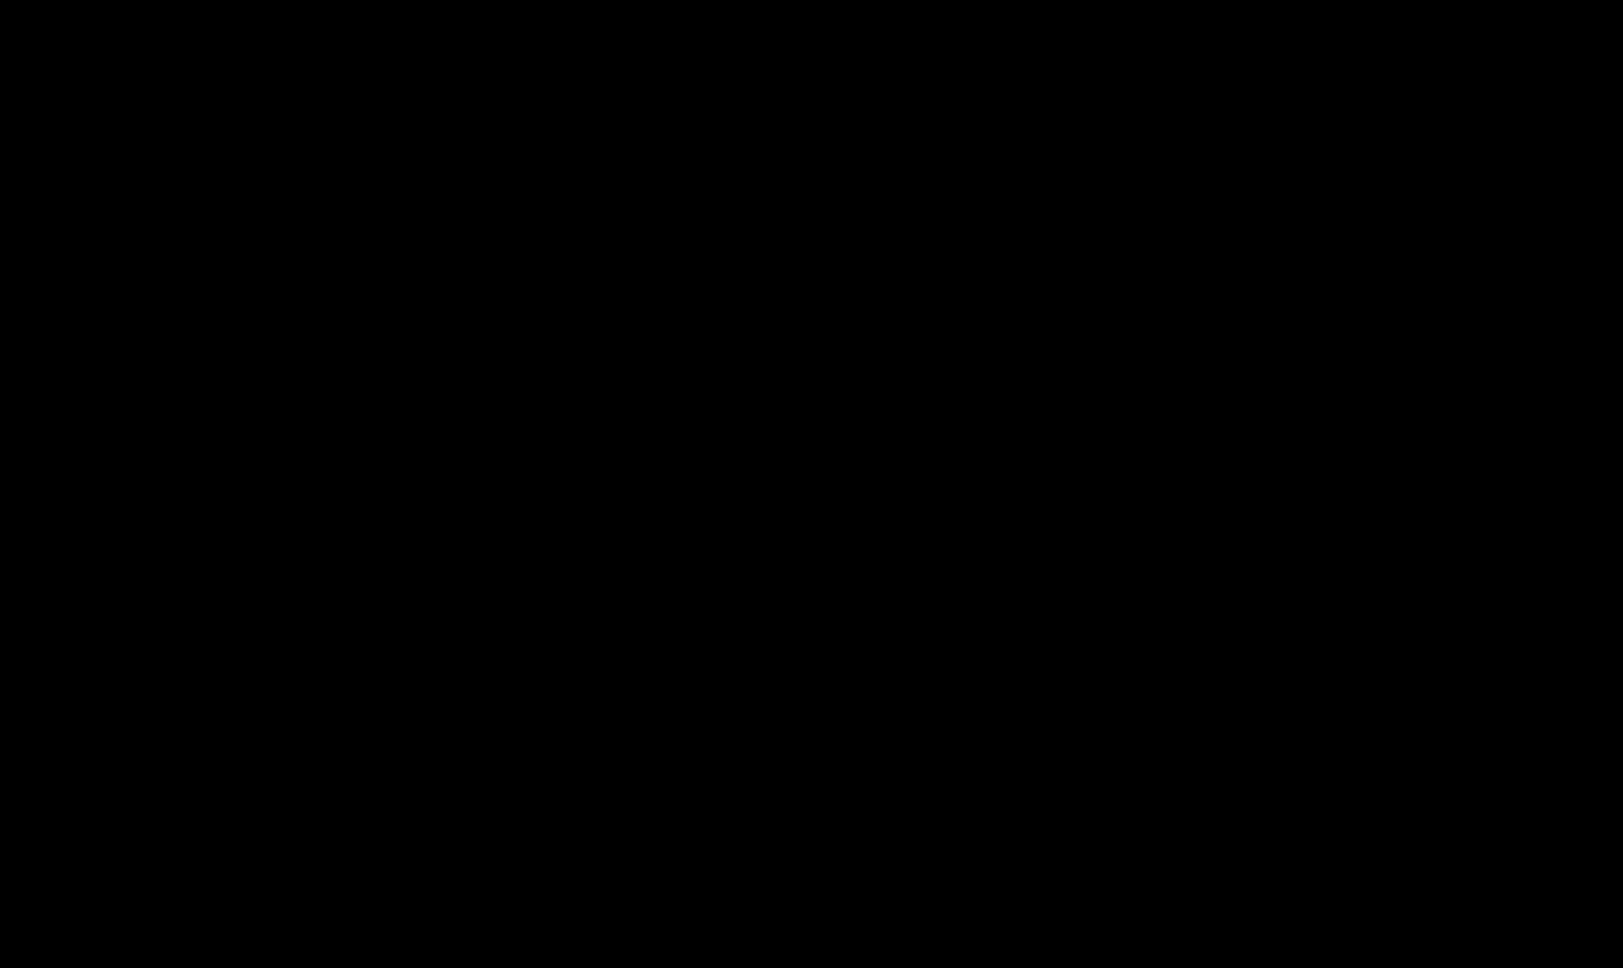 TS4_x64 2020-11-01 16-16-08.png